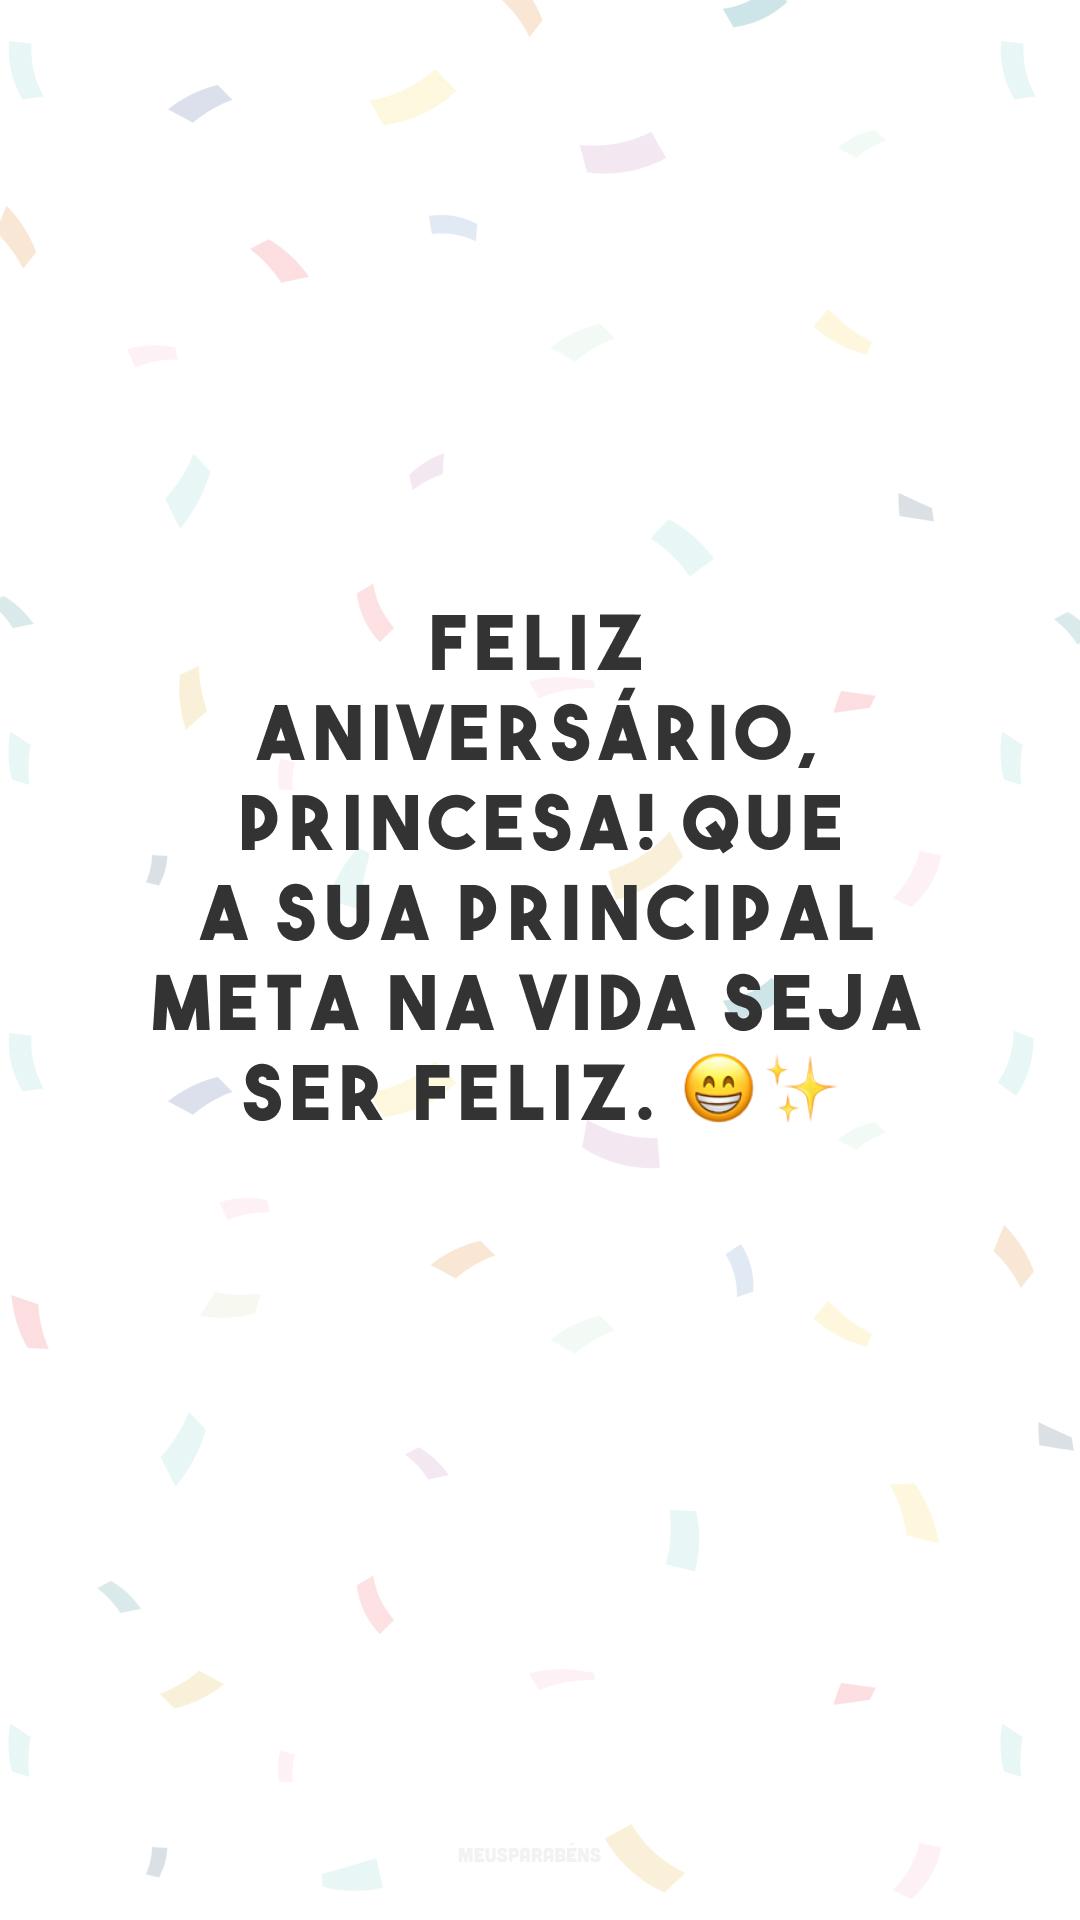 Feliz aniversário, princesa! Que a sua principal meta na vida seja ser feliz. 😁✨